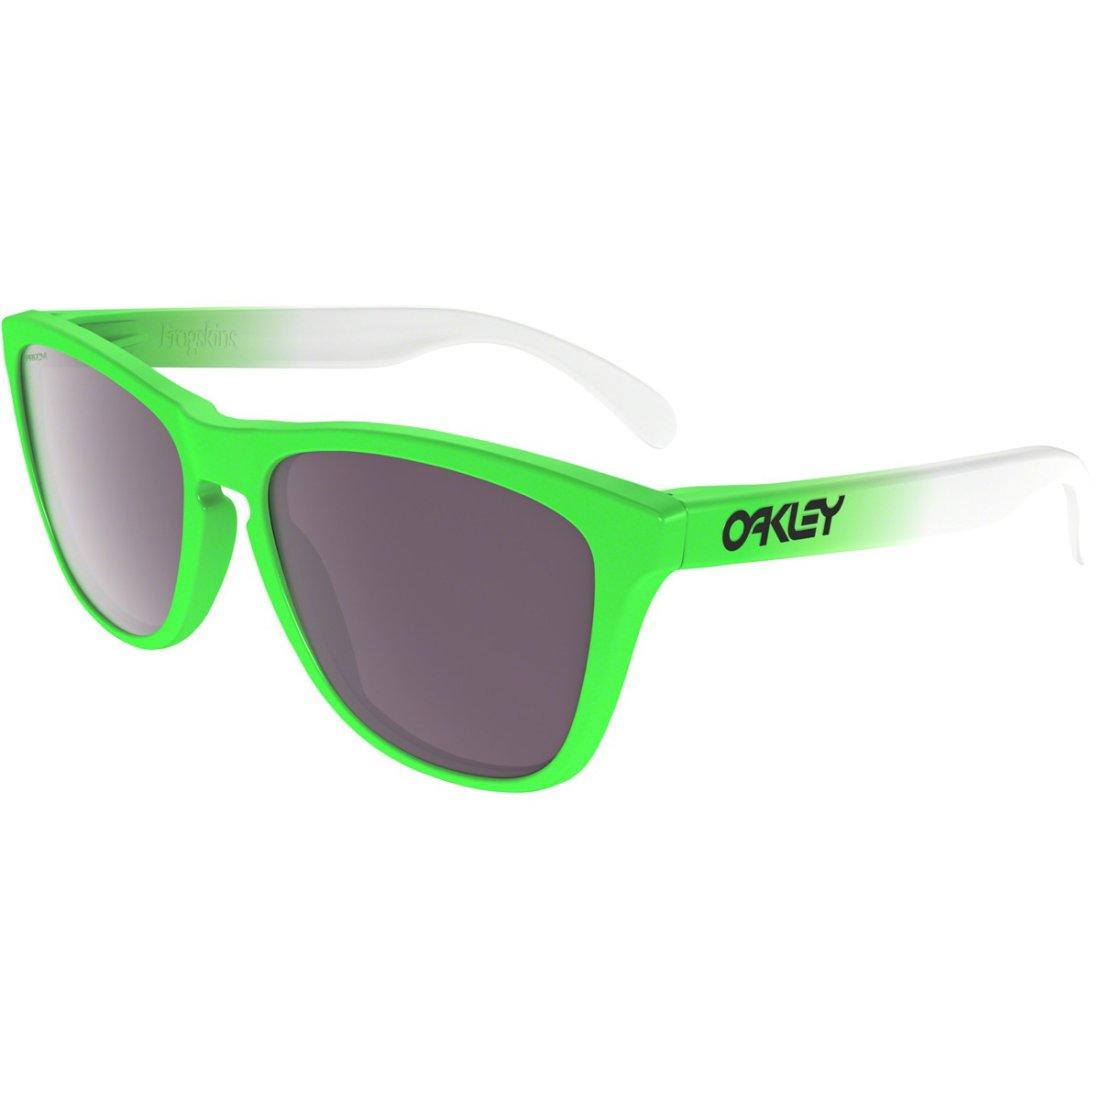 nuevo estilo 2e746 67247 Gafas de sol OAKLEY Frogskins Green Fade Edition / Prizm Daily Polarized